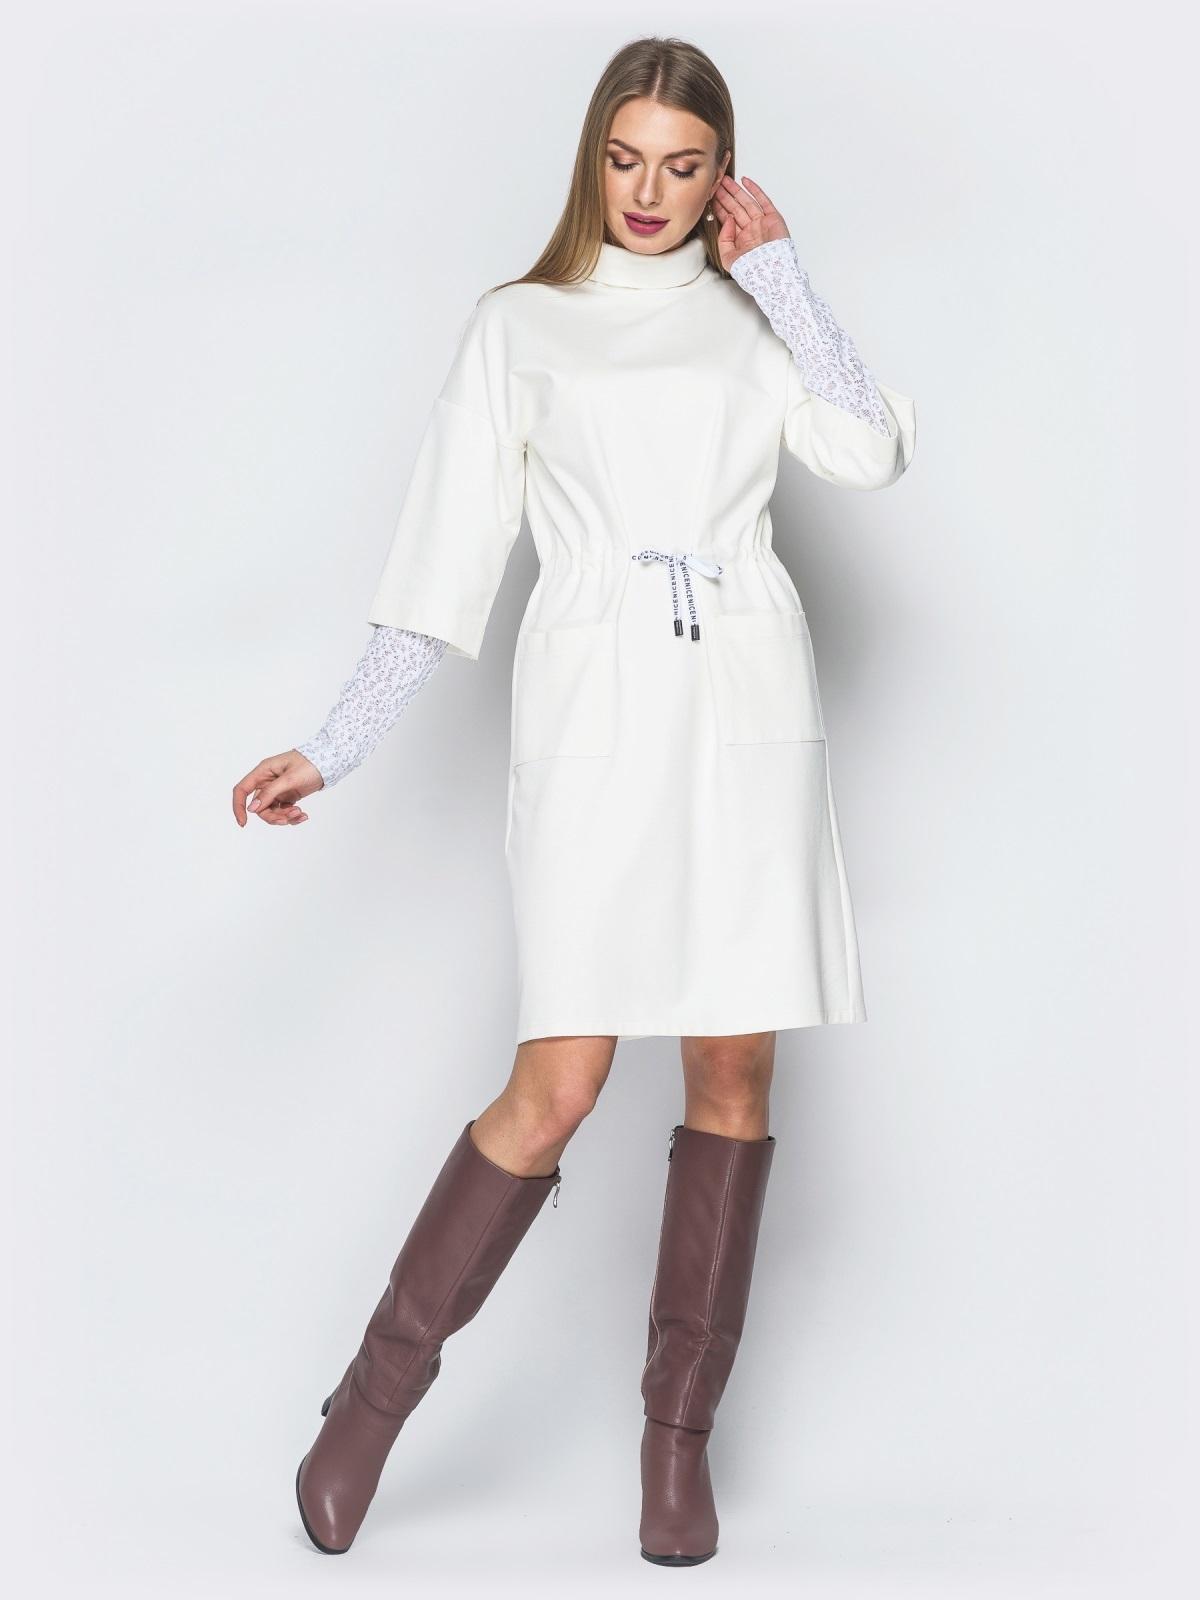 Купить белые повседневные платья в интернет-магазине Dressa